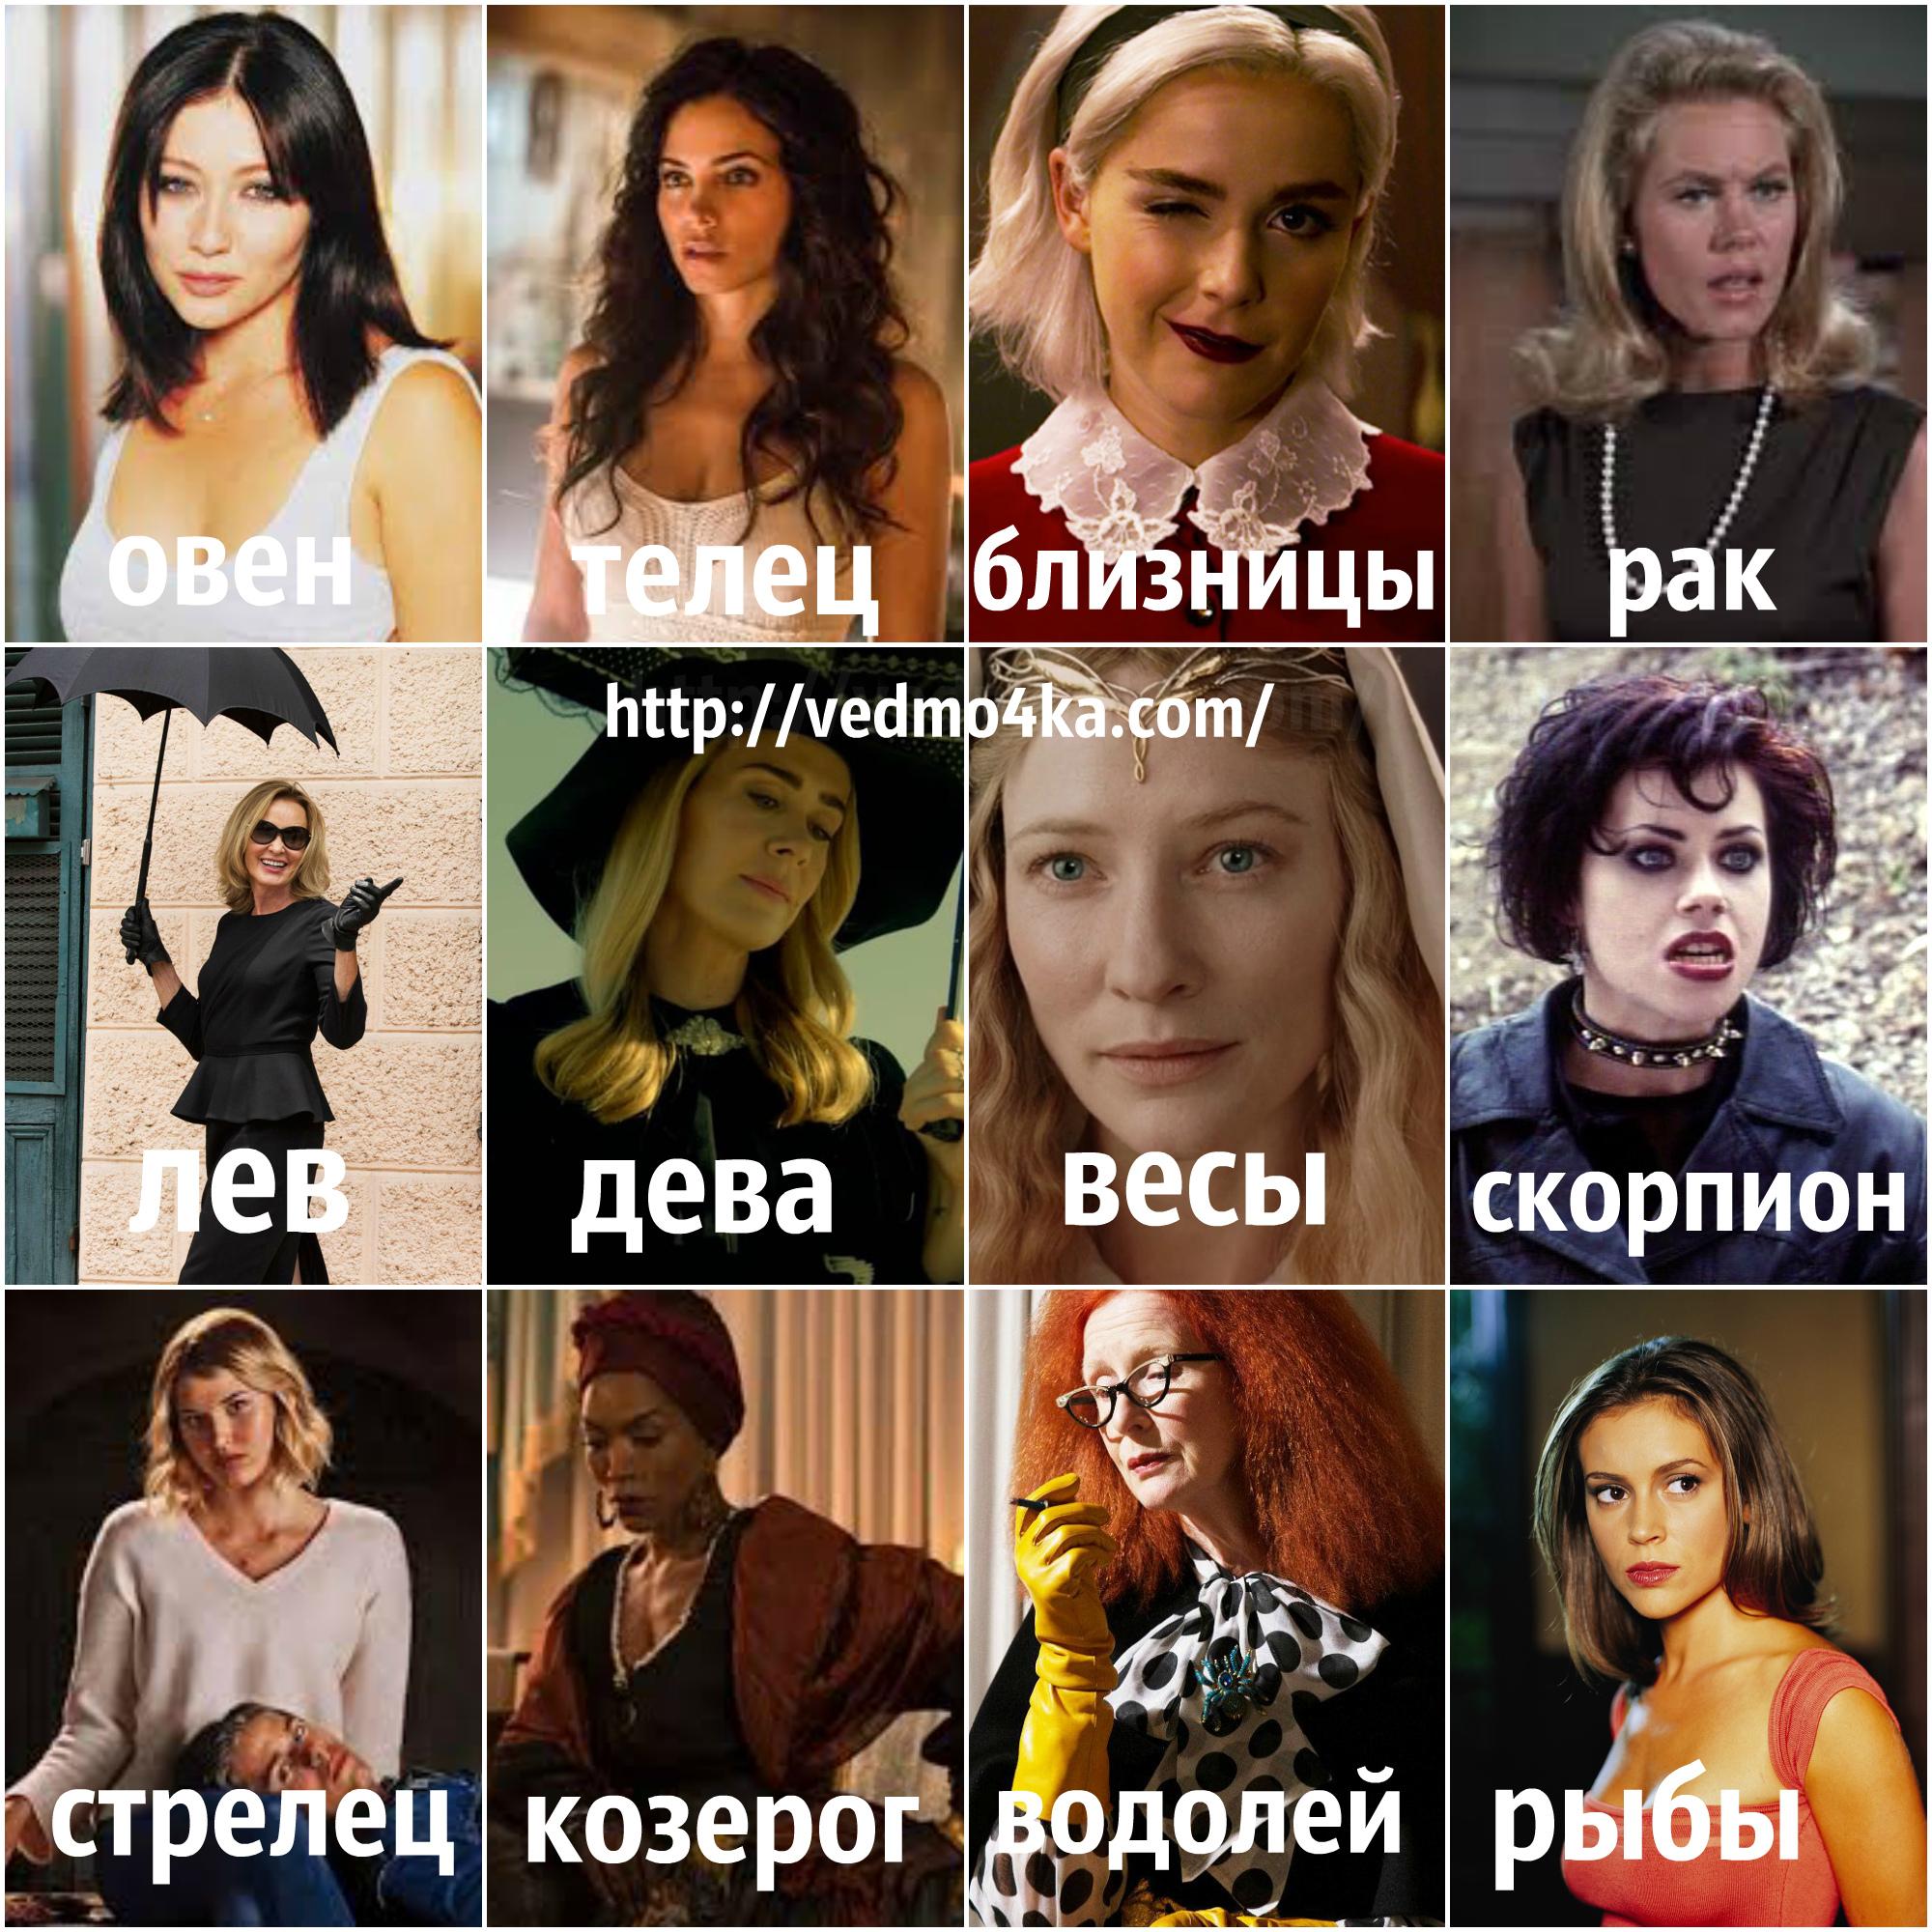 Какая Вы Голливудская Ведьма по знаку зодиака?